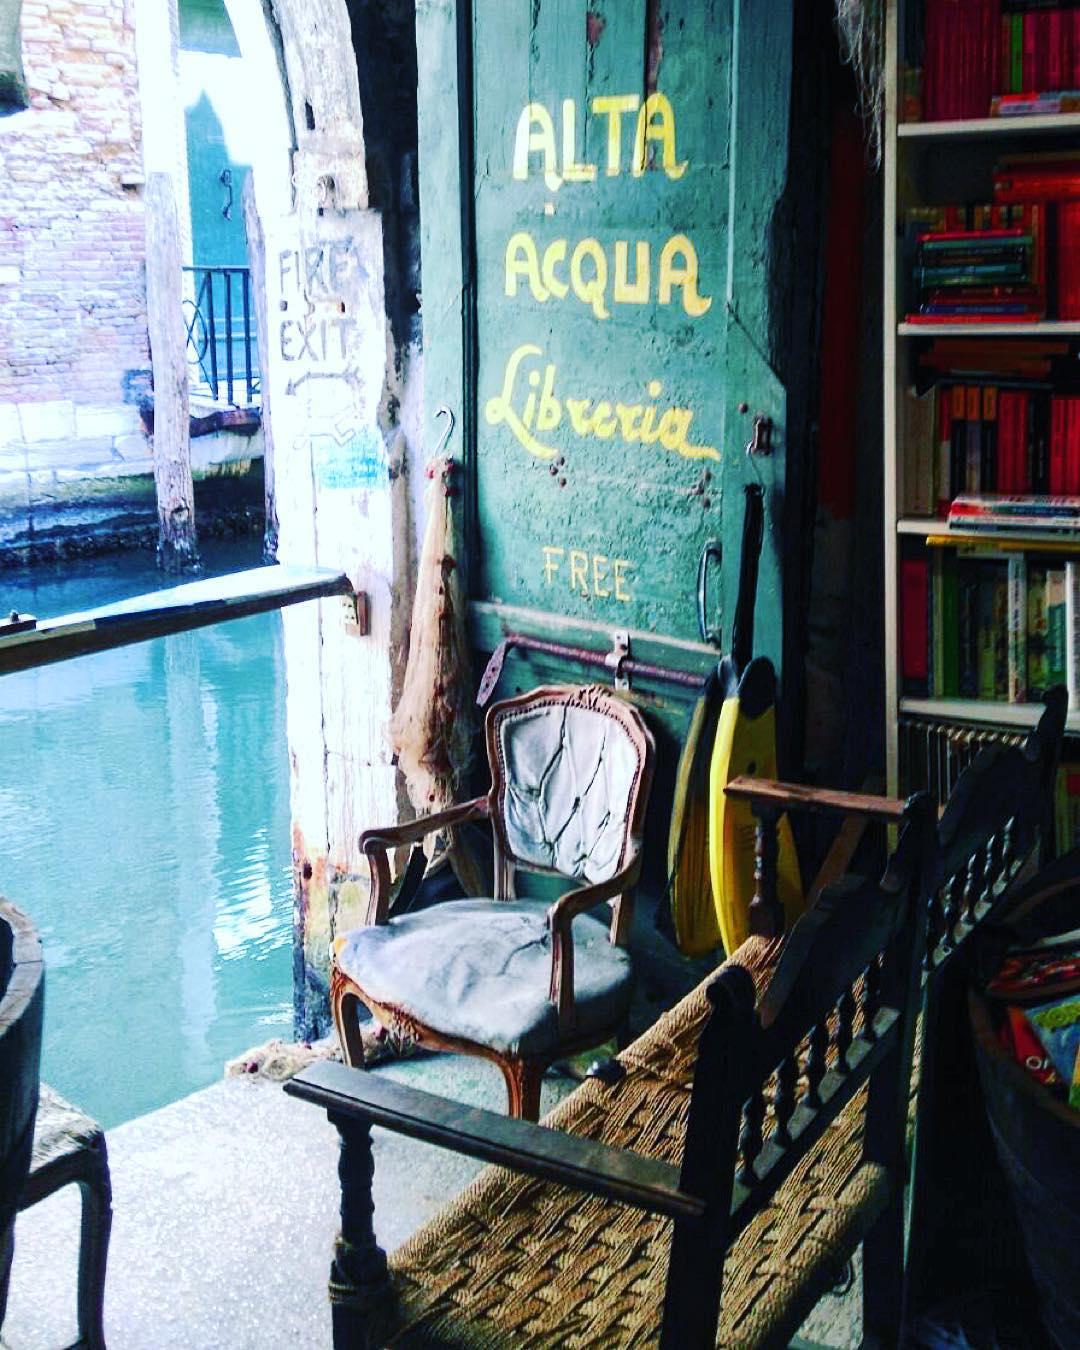 in love  #Venezia #libreriaacquaalta #magicplaces #venice #bookshop #library #instabook #booklover